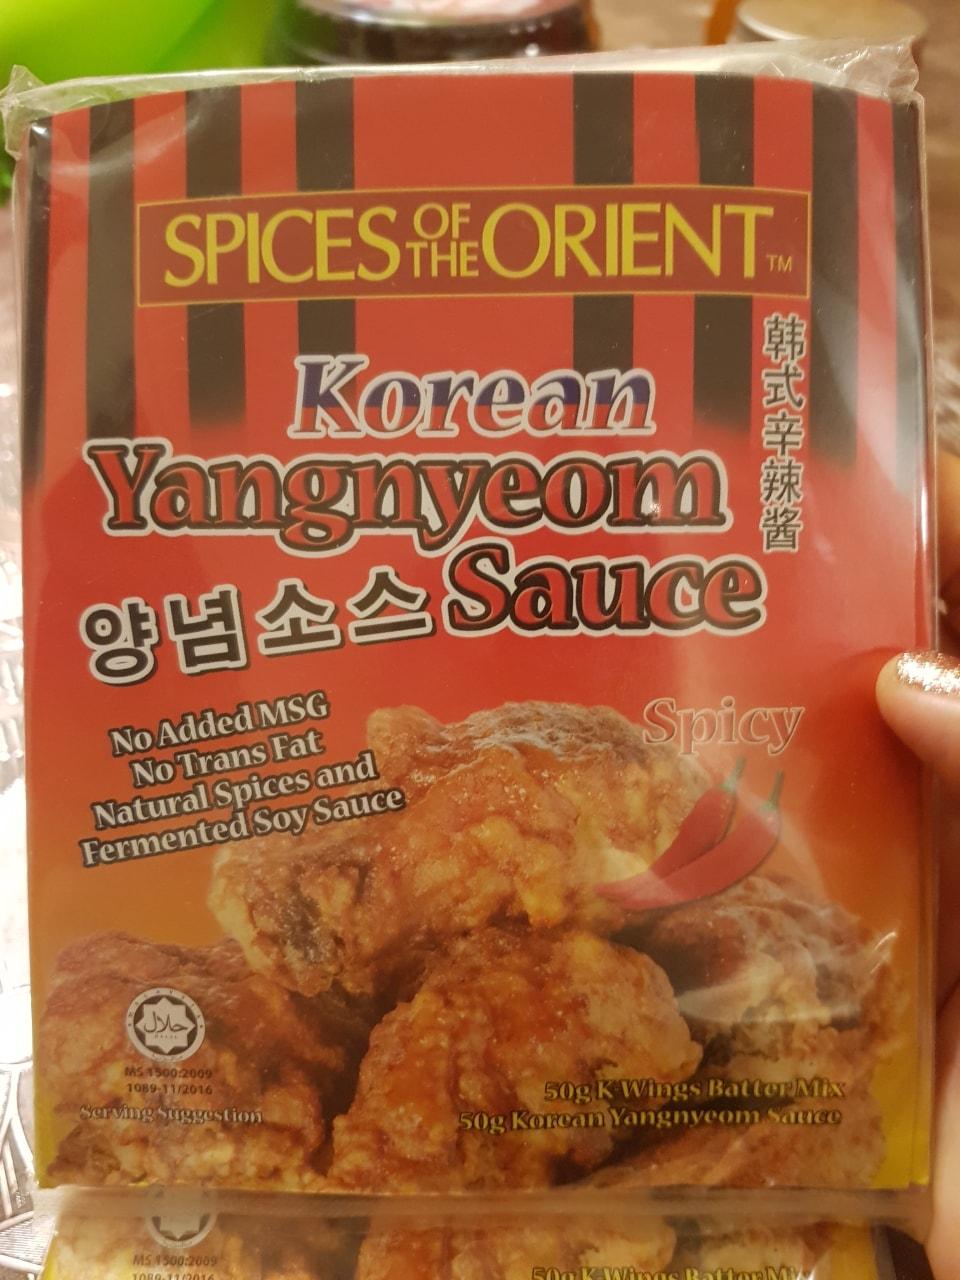 Spicy fried chicken marinate Korean